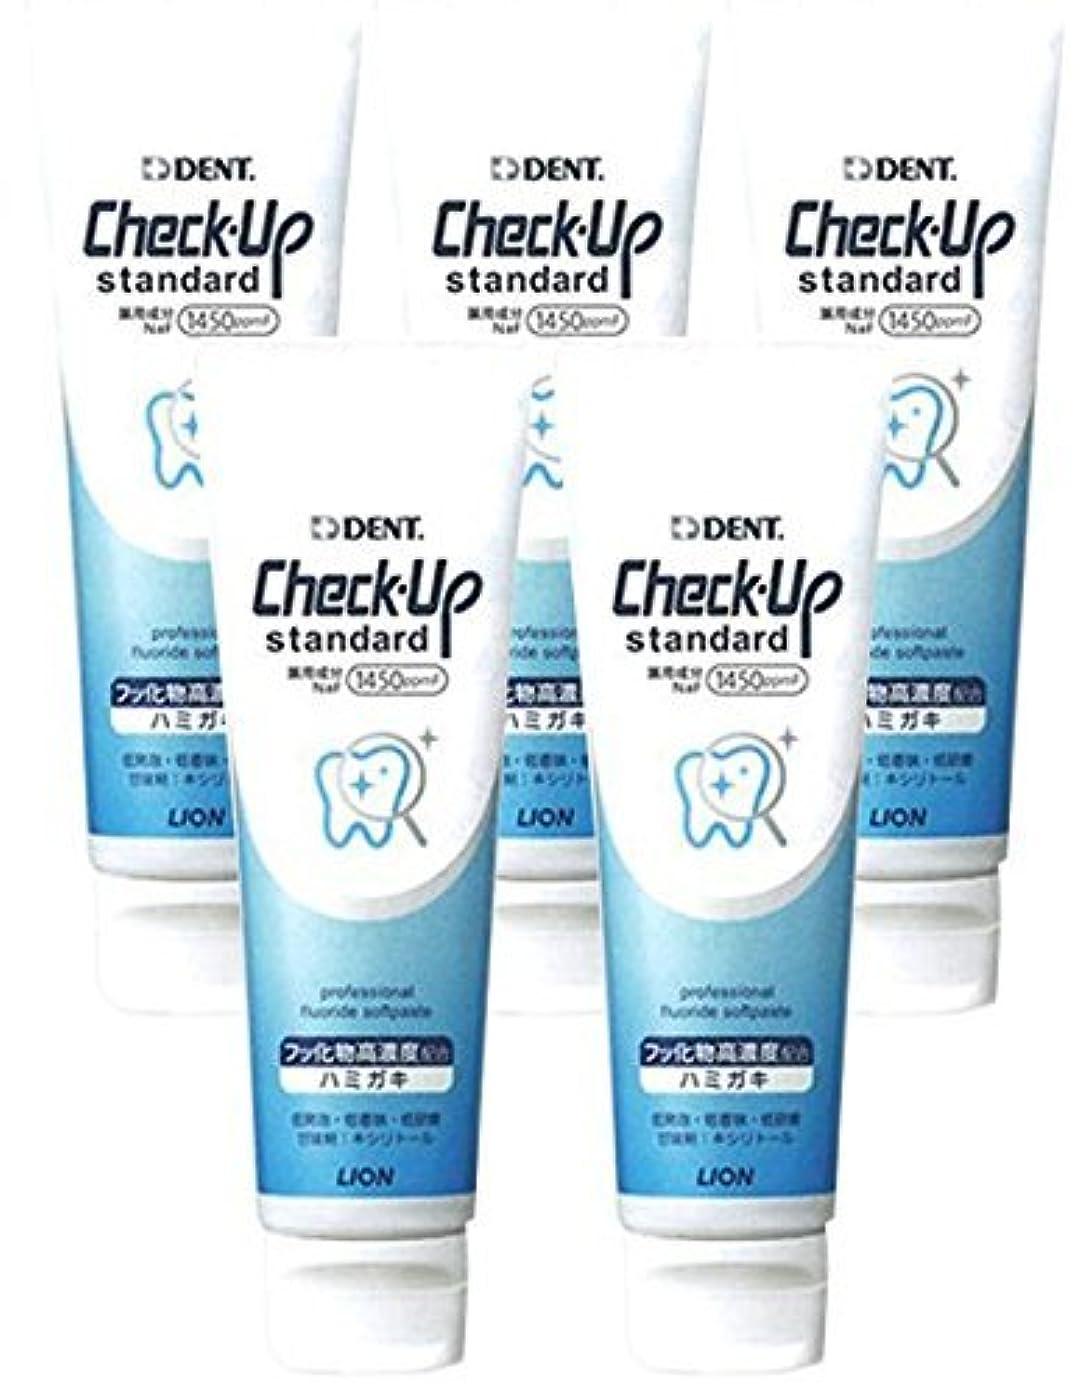 ブレンドクッション透過性ライオン デントチェックアップスタンダード 135g × 5本(DENT.Check-Upstandard) フッ素1450ppm むし歯予防 歯磨き粉 歯科専用